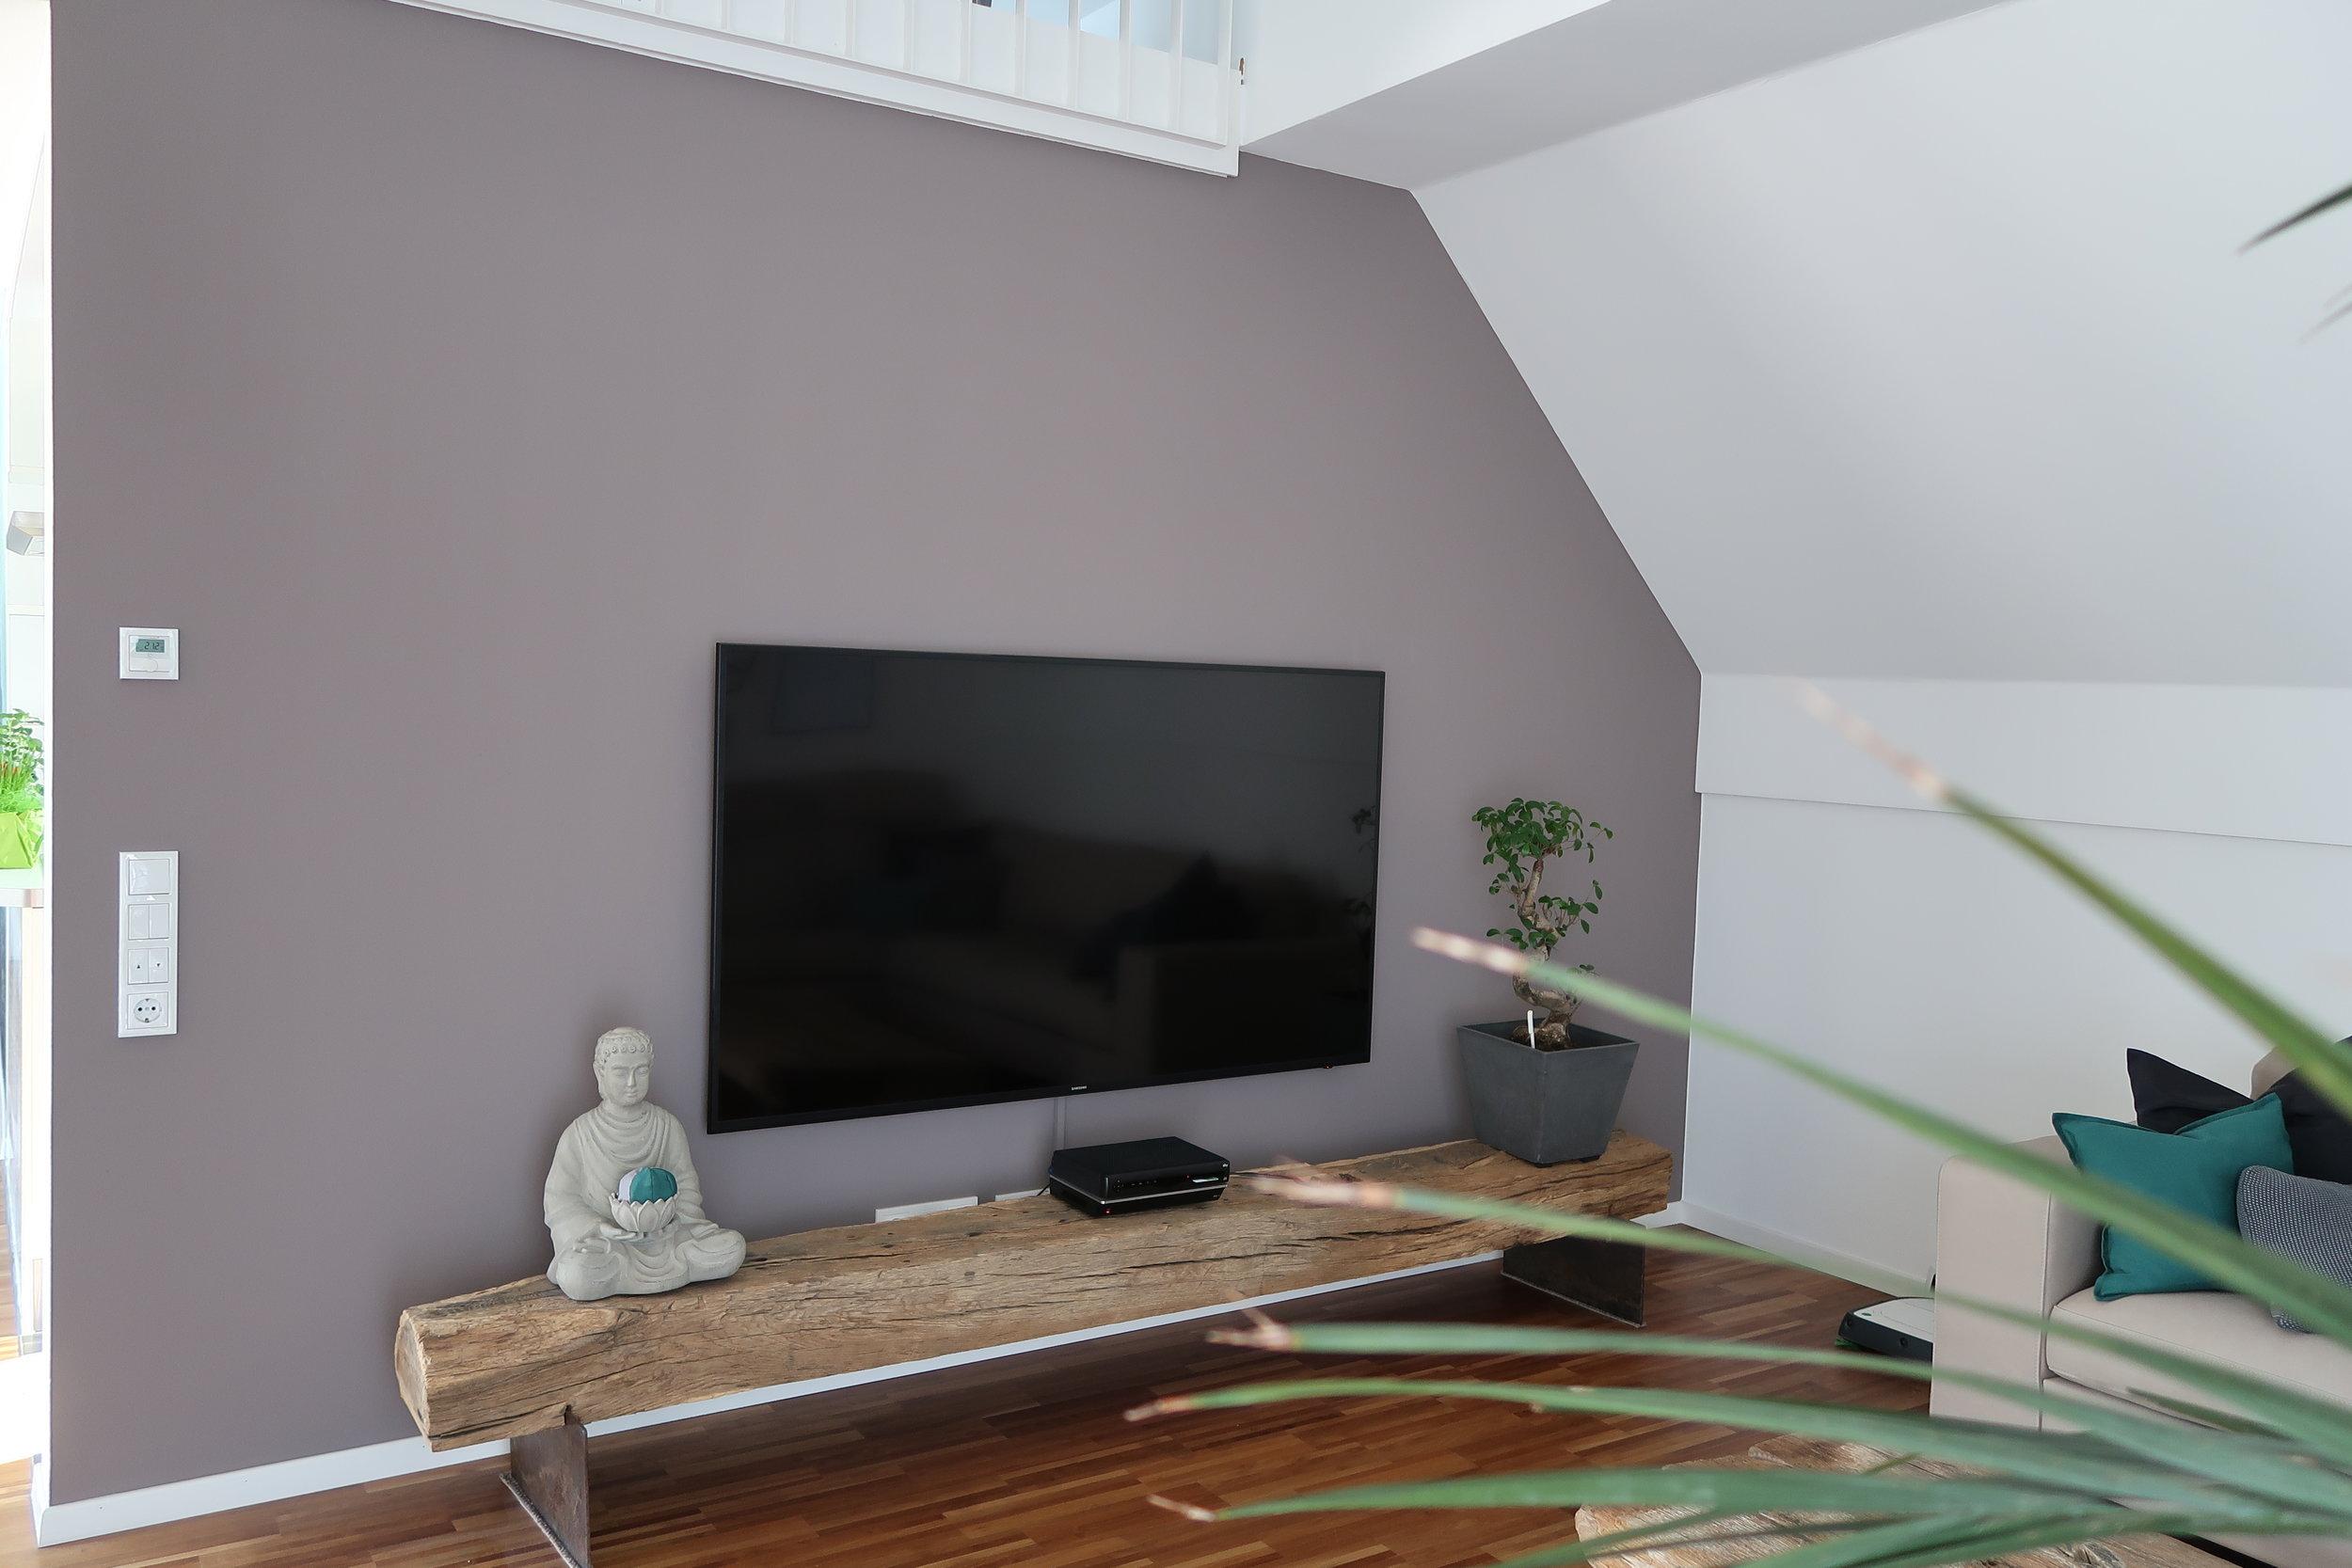 Wohnzimmer_nachher2.JPG